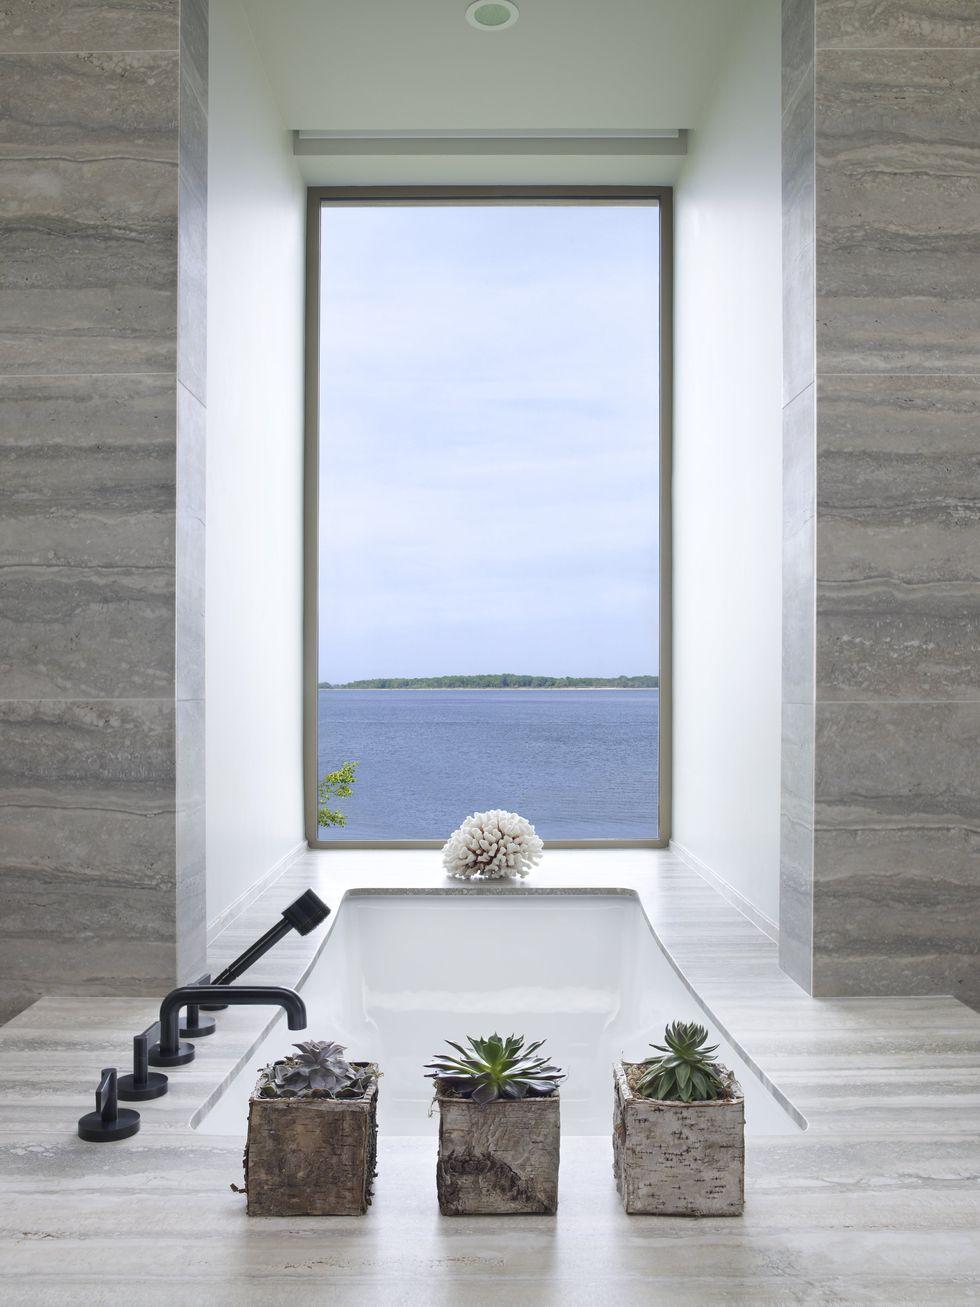 حمام لوکس با منظره بهیک واحه